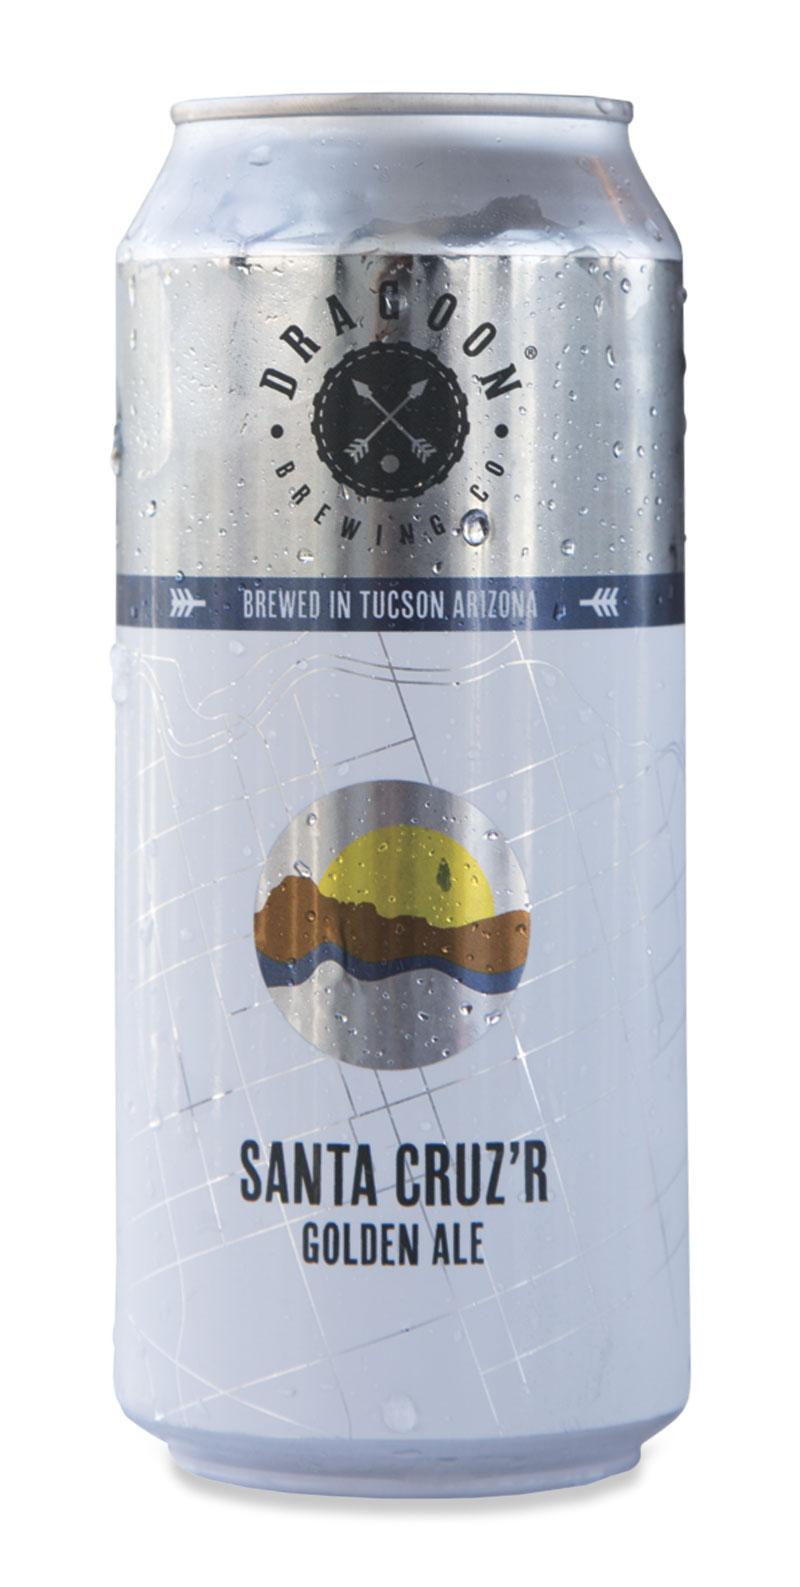 Dragoon Brewing Co. Santa Cruz'r